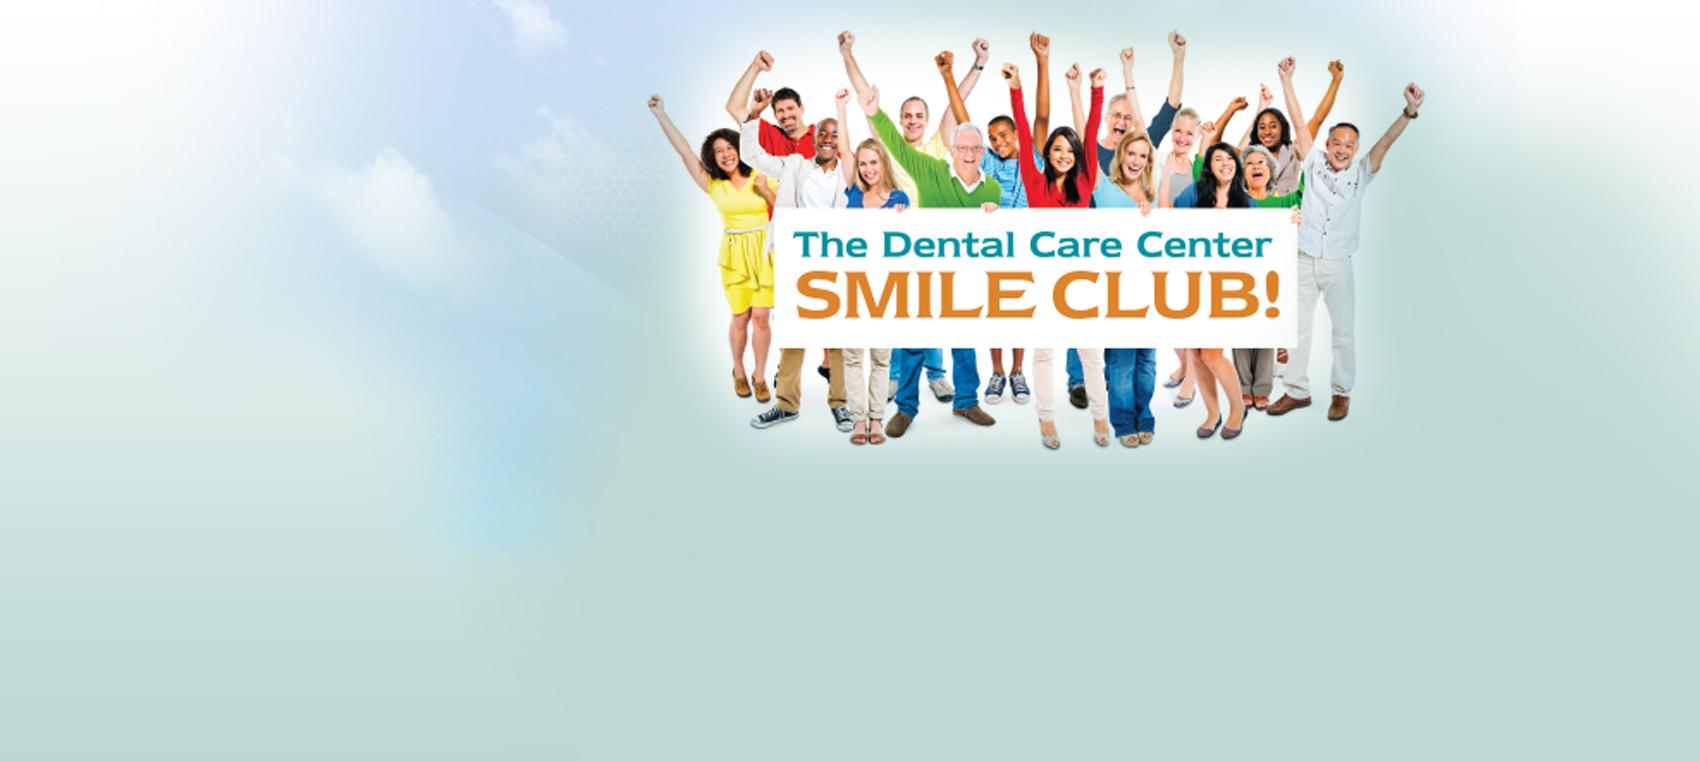 smile club Dental Care Center